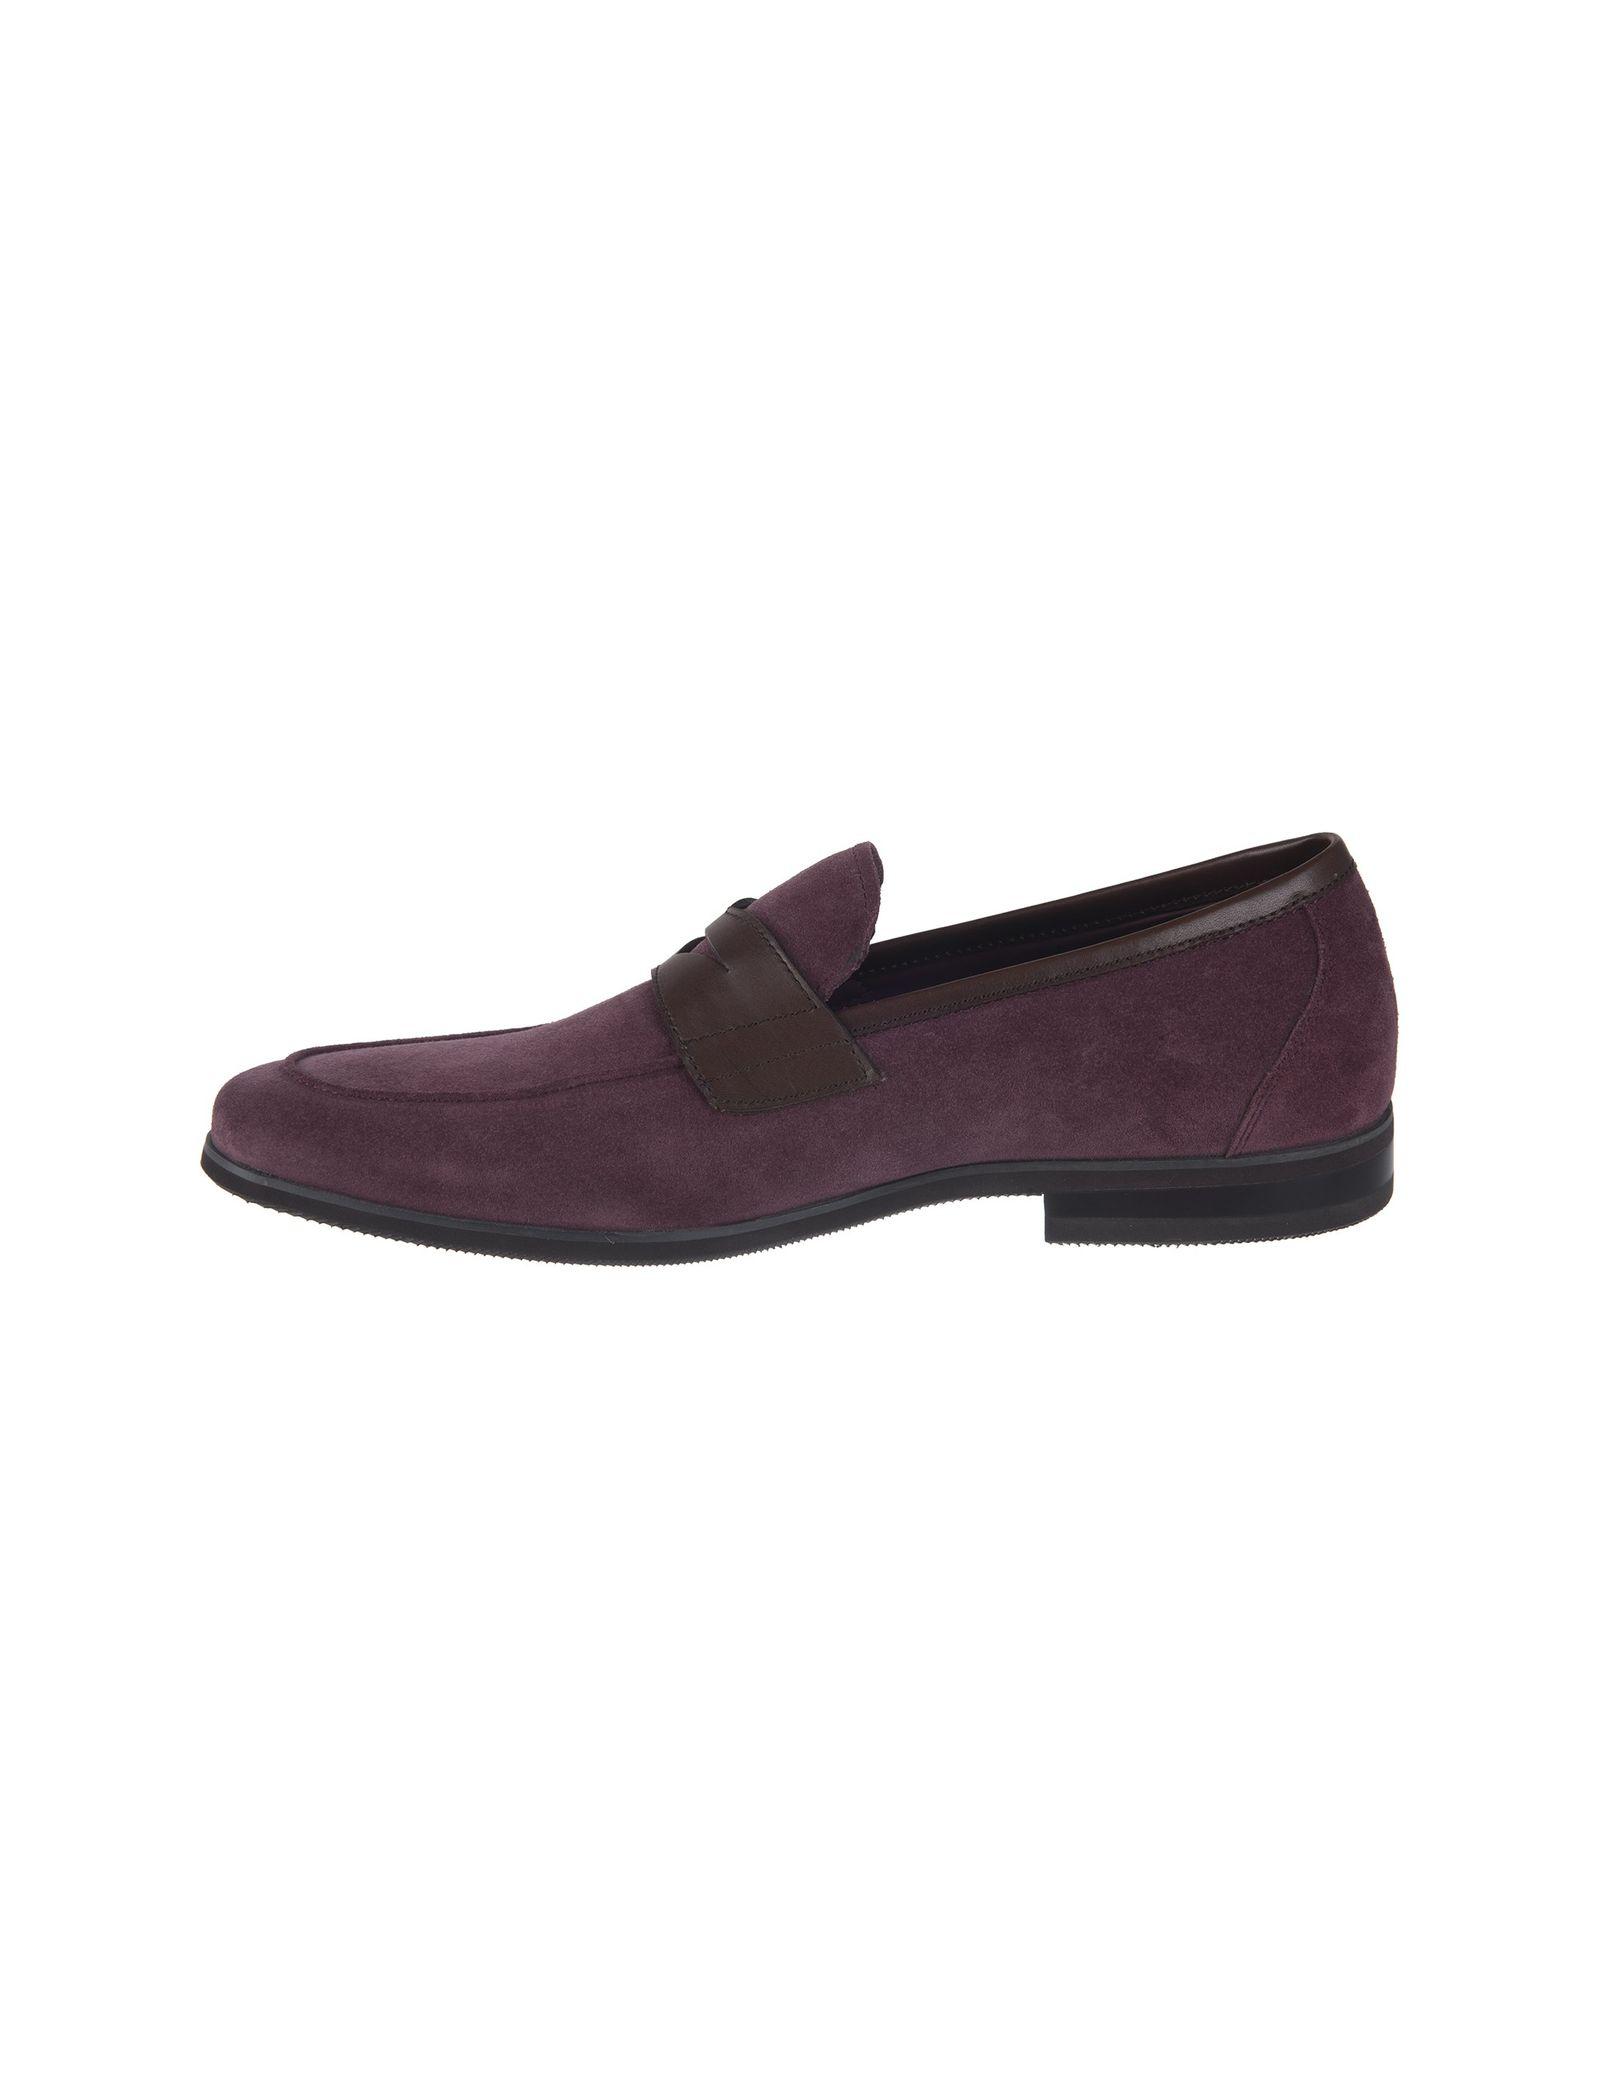 کفش چرم راحتی مردانه - بالدی - زرشکي - 6